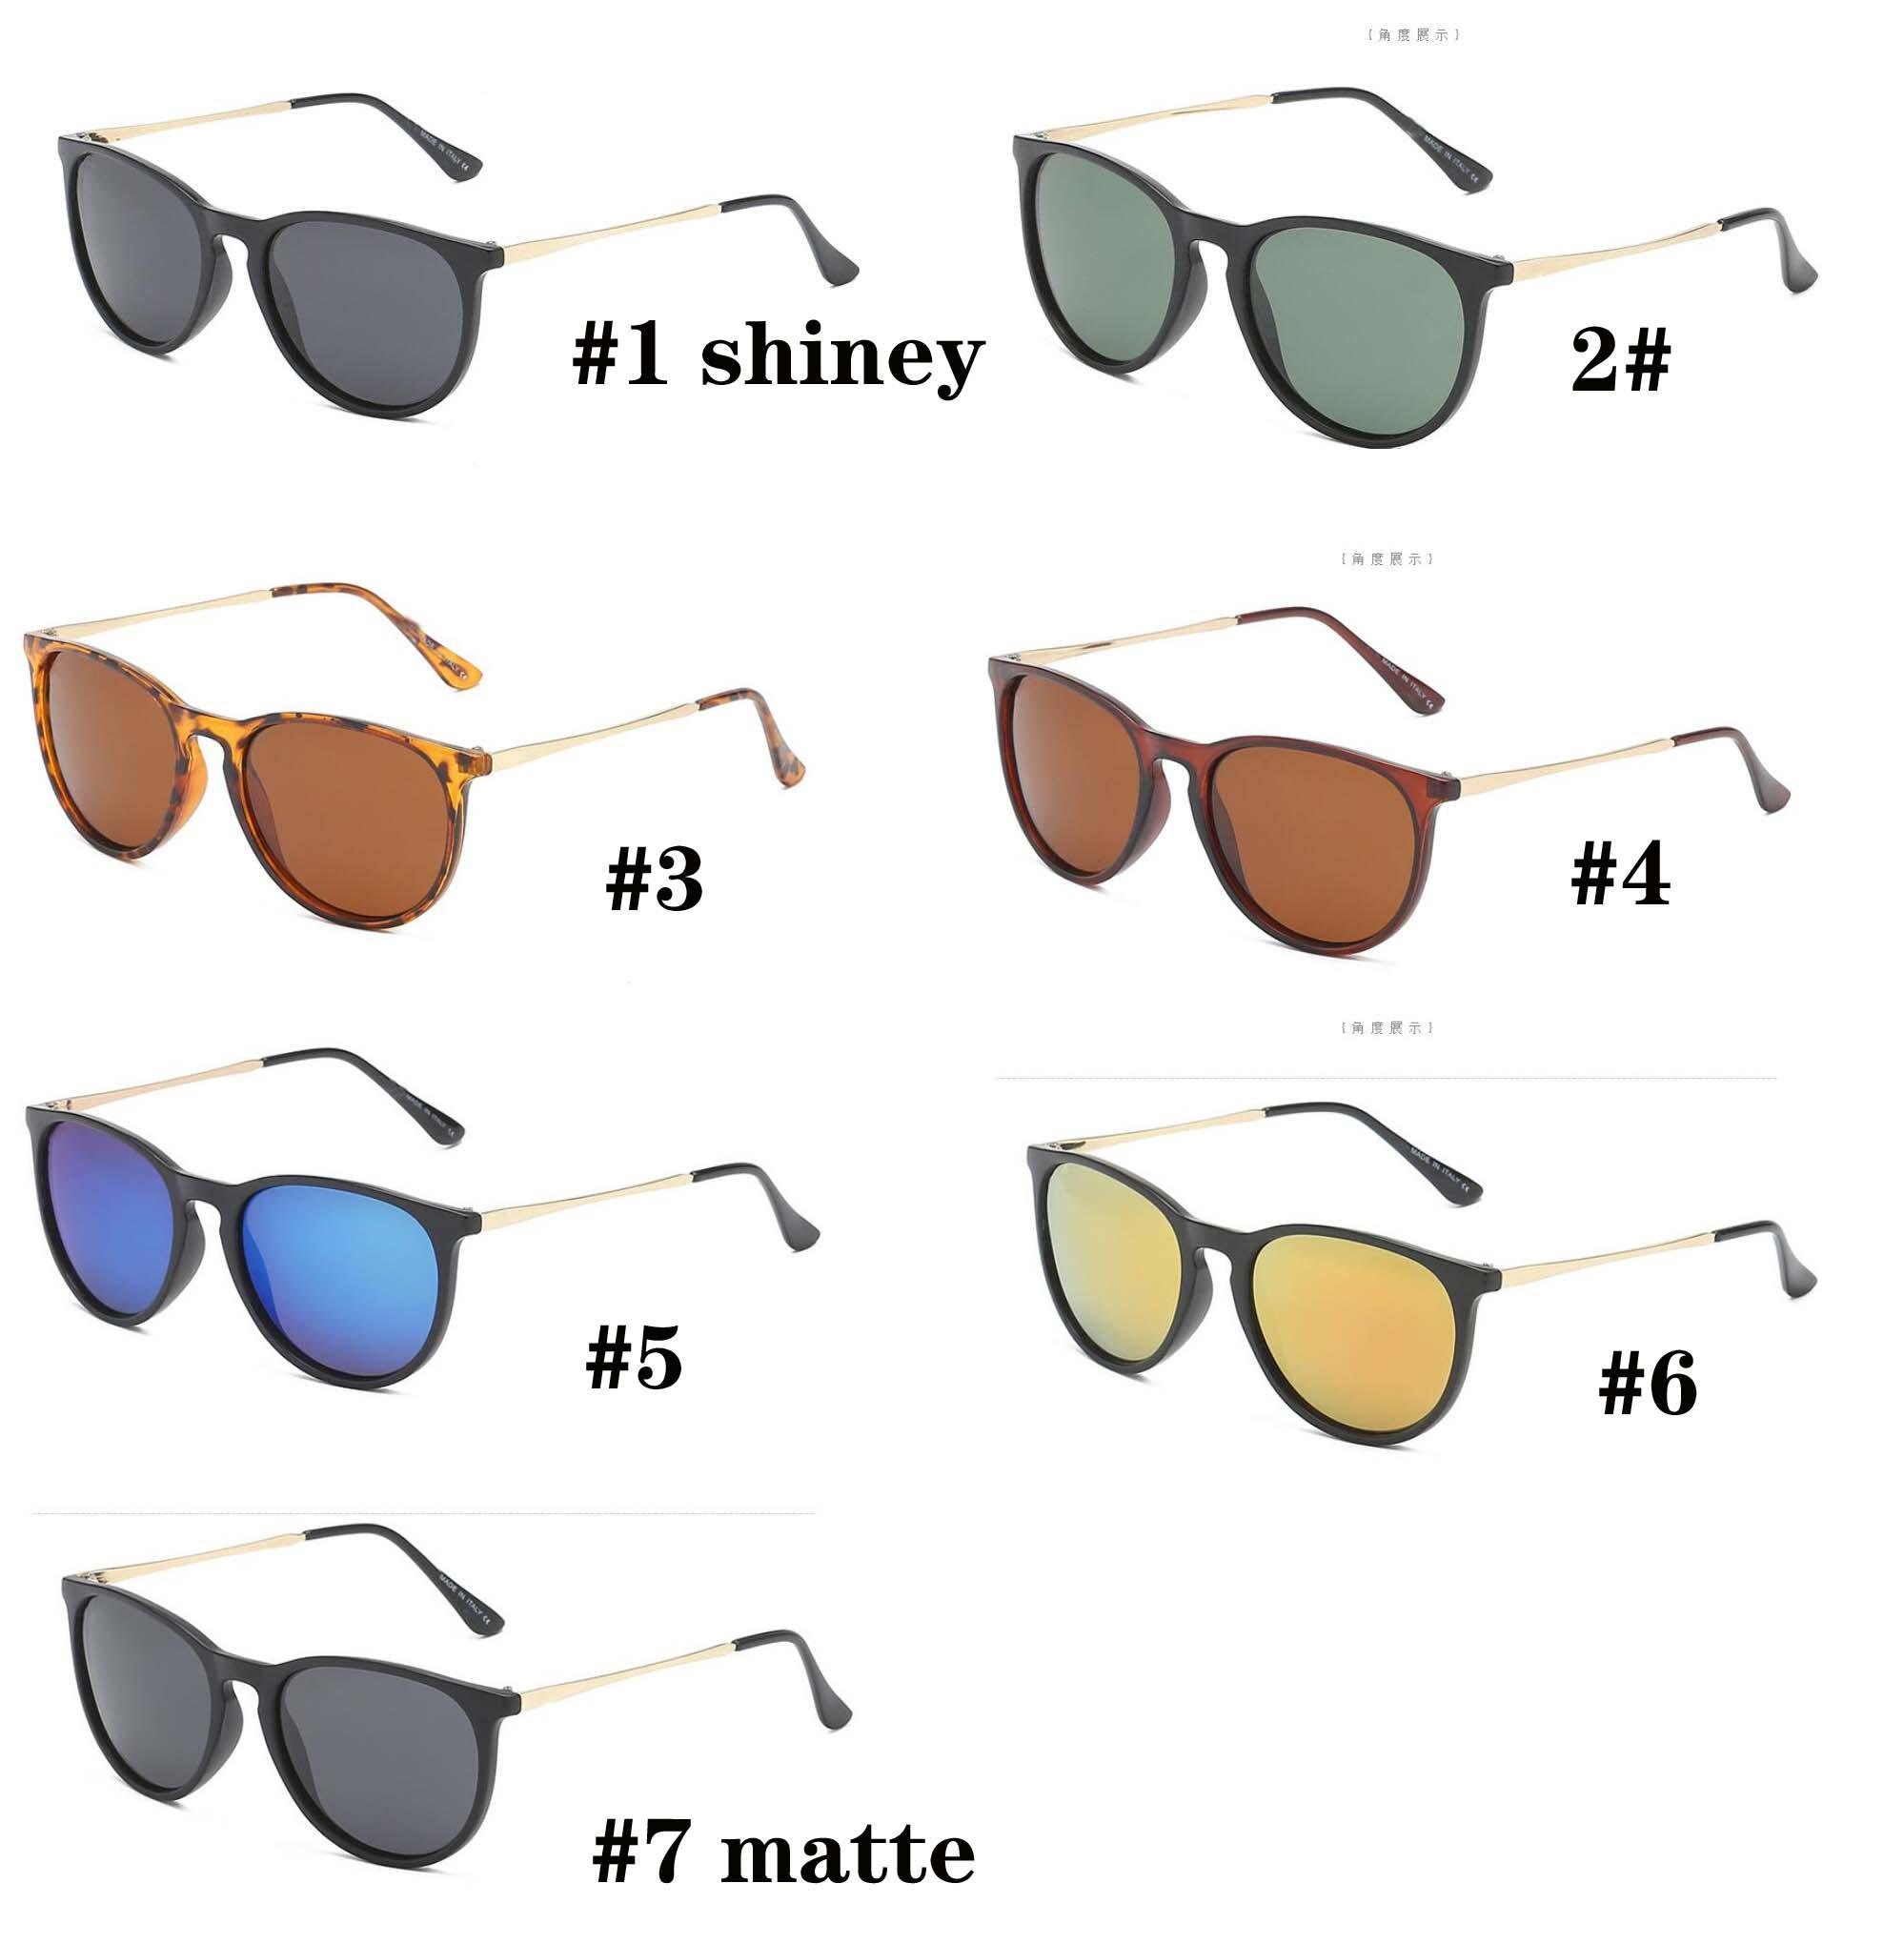 Estate uomo moda dazzle colore polarizzato occhiali da sole donna bicchiere occhiali da ciclismo sport unisex sole bicchiere spiaggia di guida Sunglasse Metallo